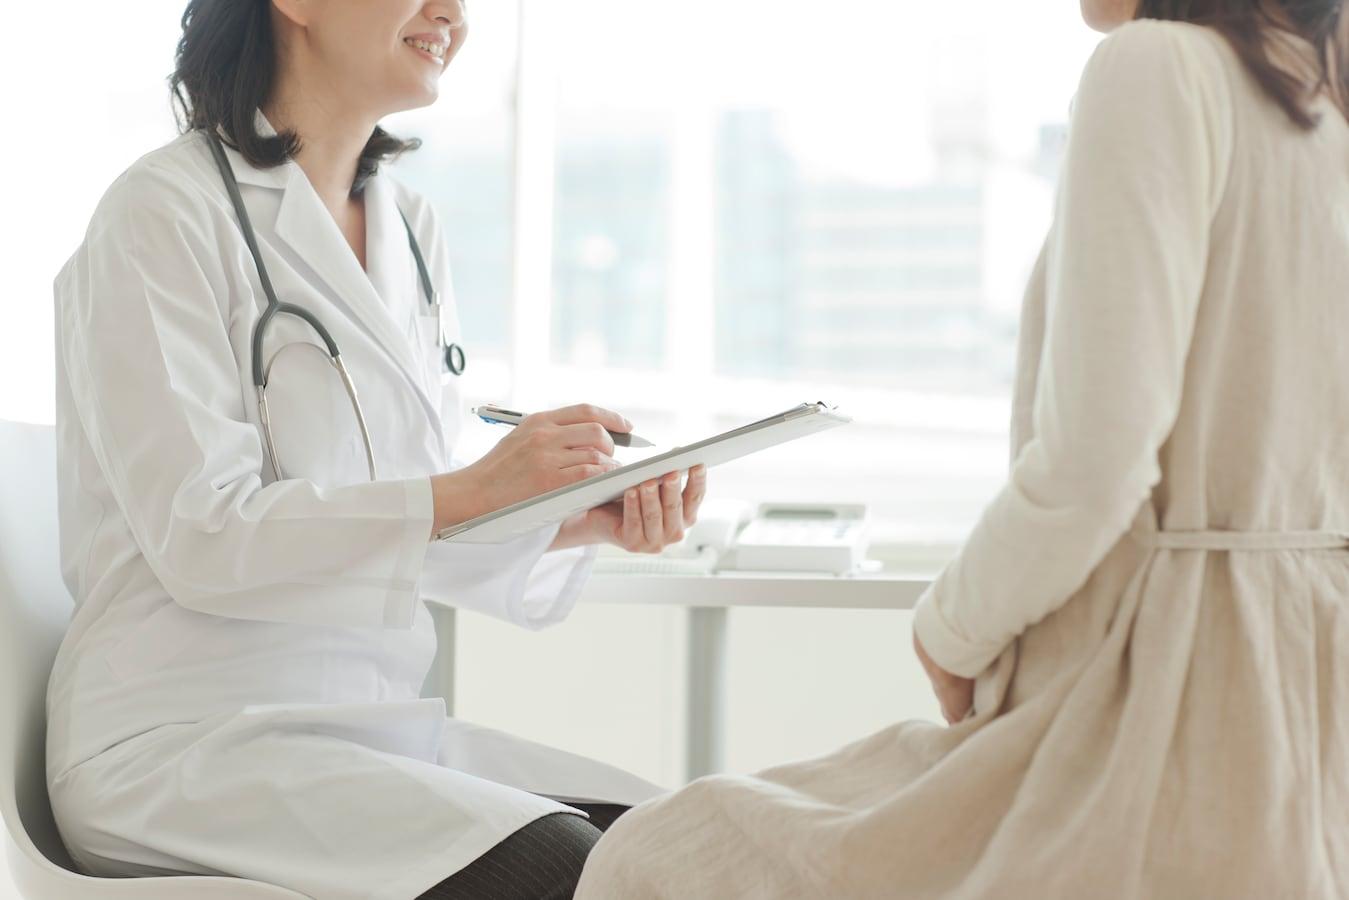 胎児 性 アルコール スペクトラム 障害